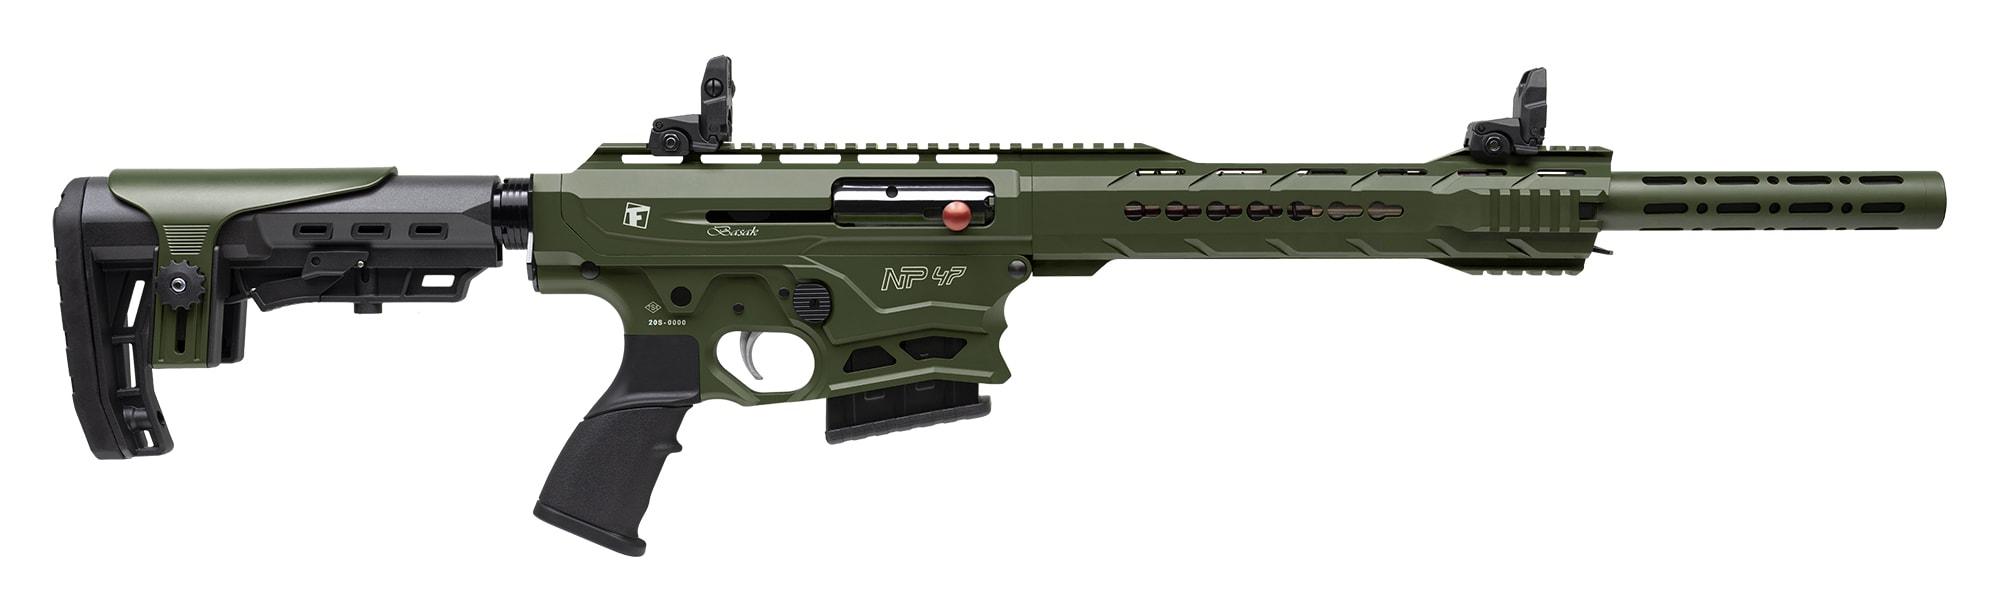 Basak NP47 Green